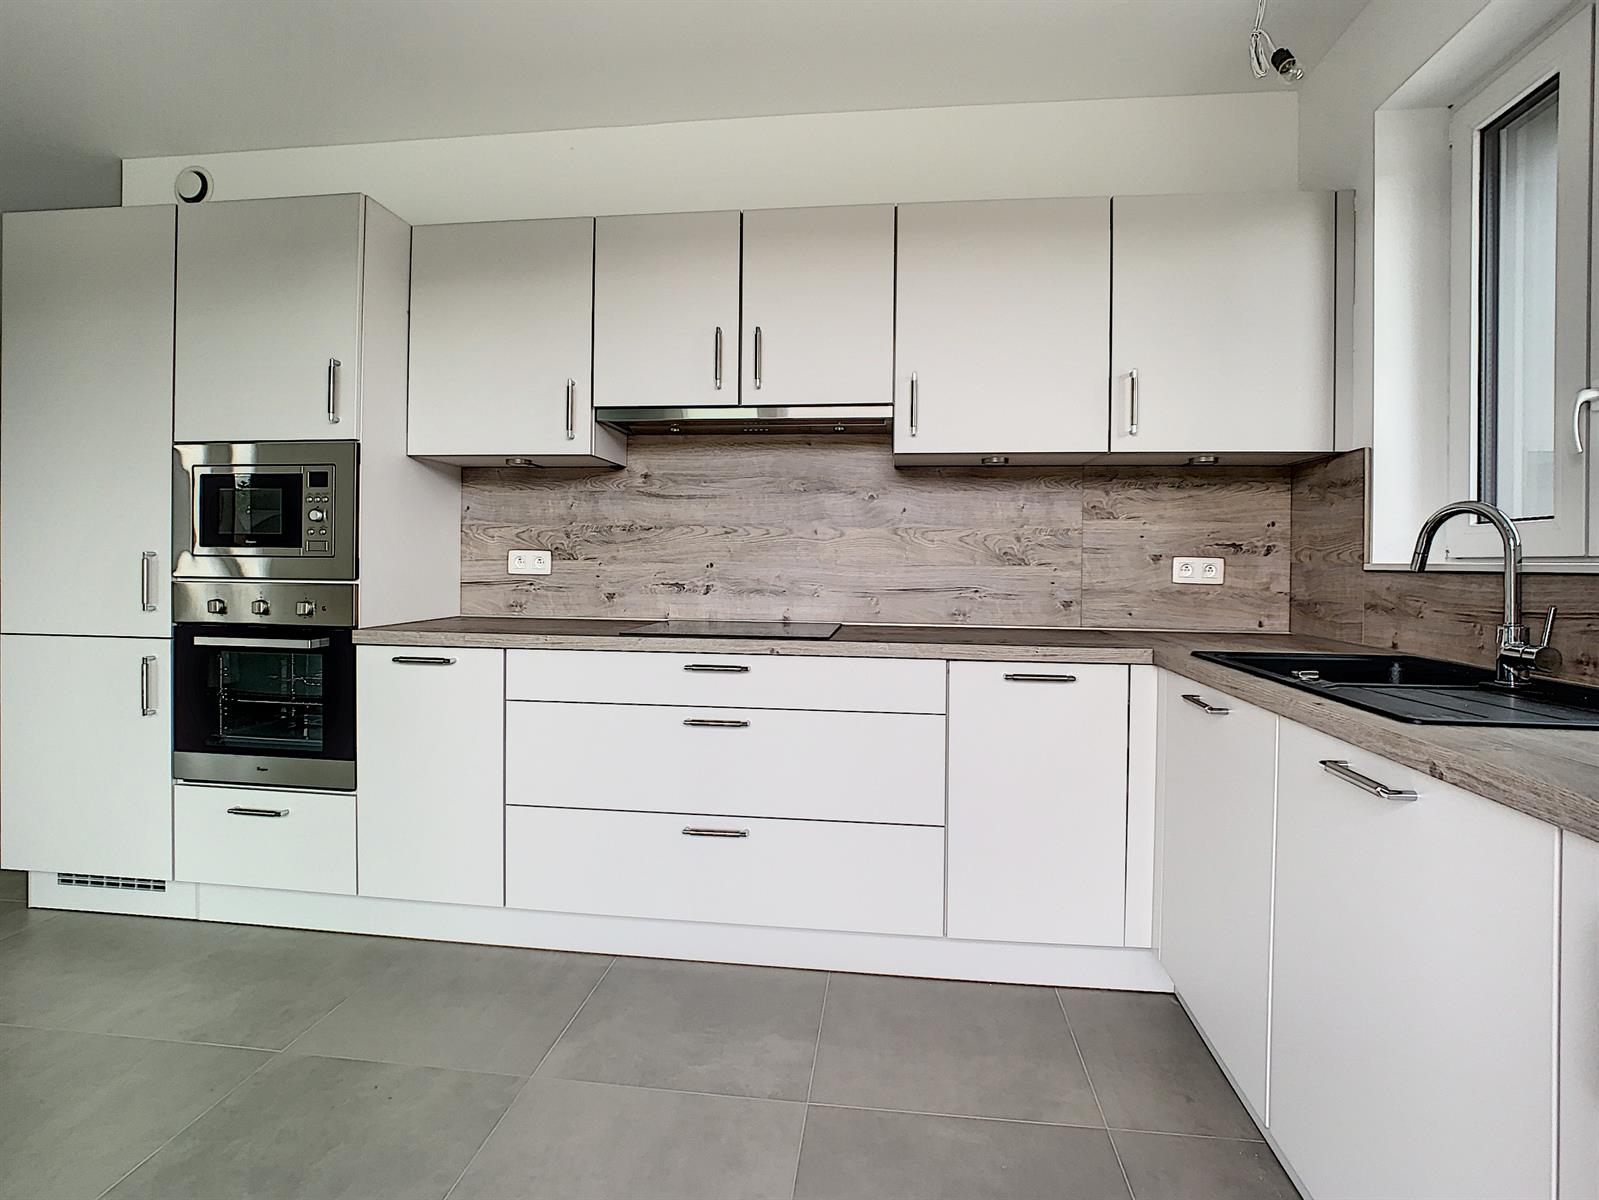 Appartement - Louvain-la-Neuve - #4149935-3